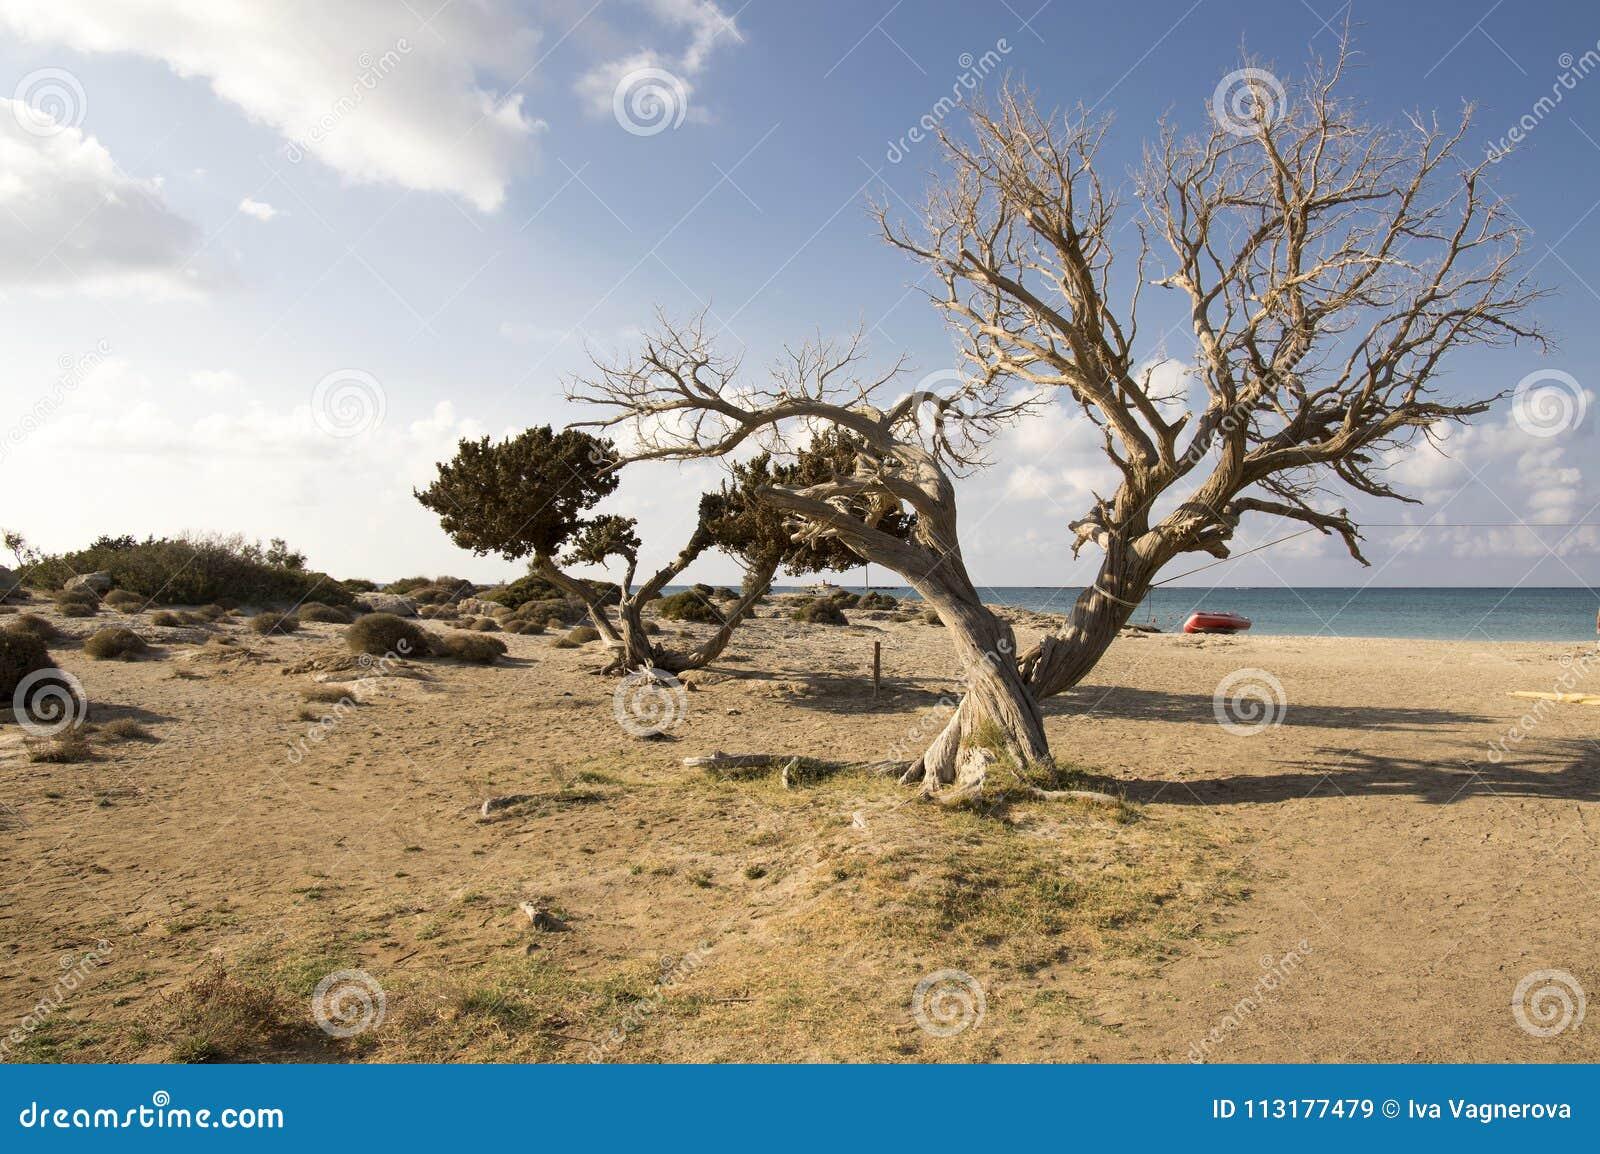 Las vacaciones de verano en Elafonisi varan, esquina al sudoeste de la isla griega Creta